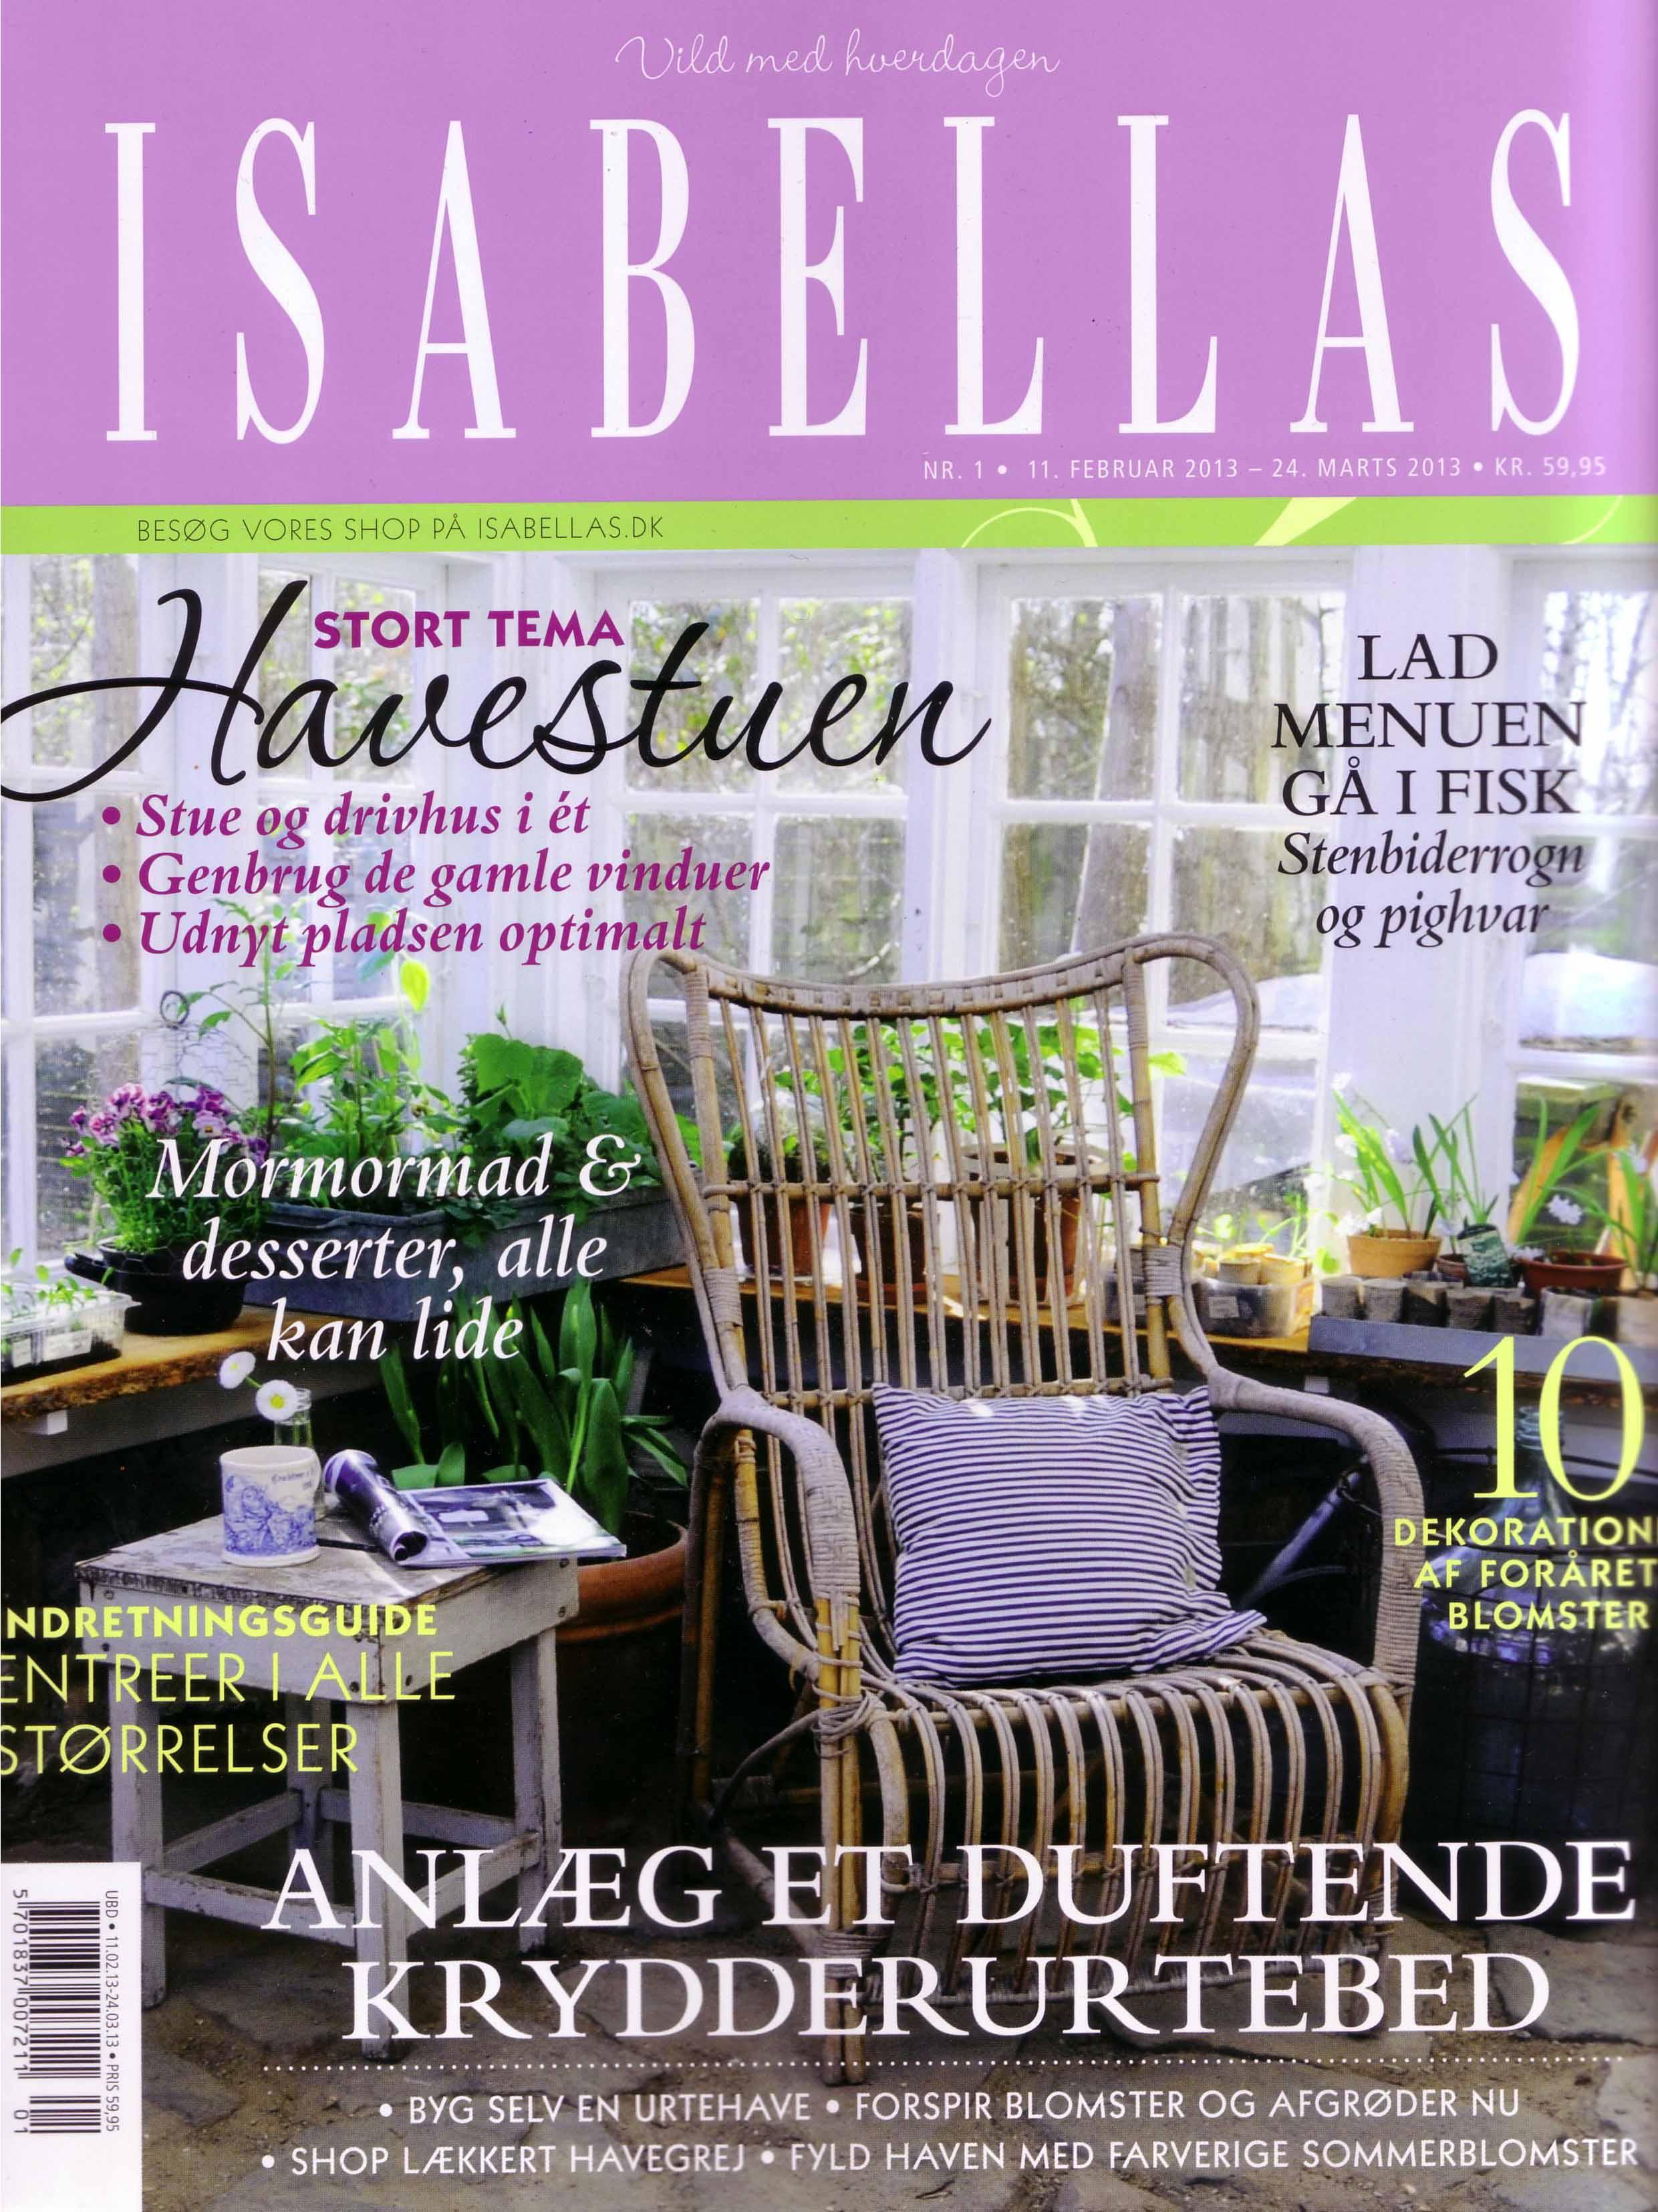 Forside på Isabellas nr. 1 2013